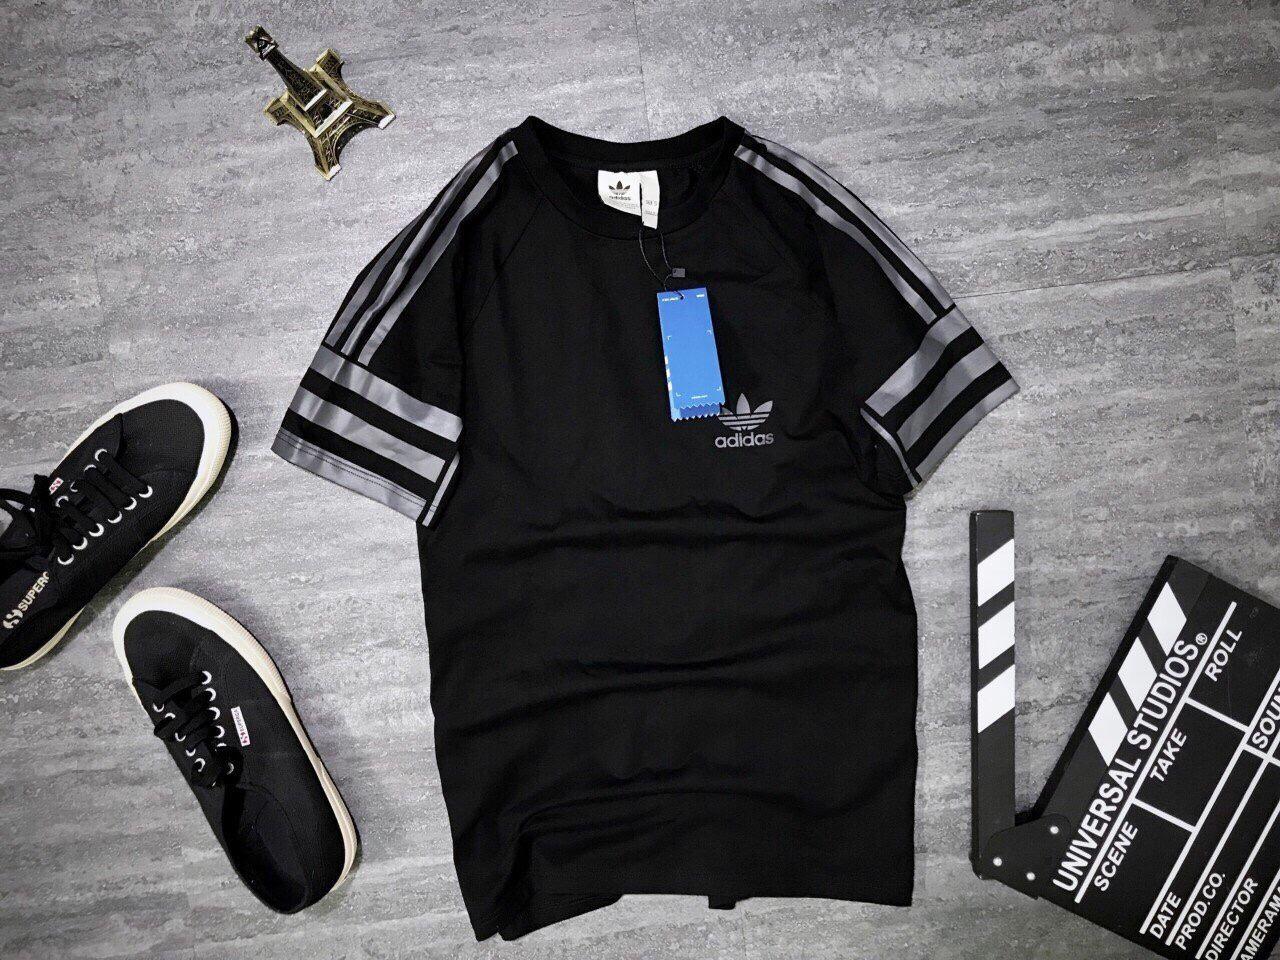 Áo Thun Quảng Châu Adidas - Buôn Sỉ Quần Áo Quảng Châu Giá Cực Rẻ